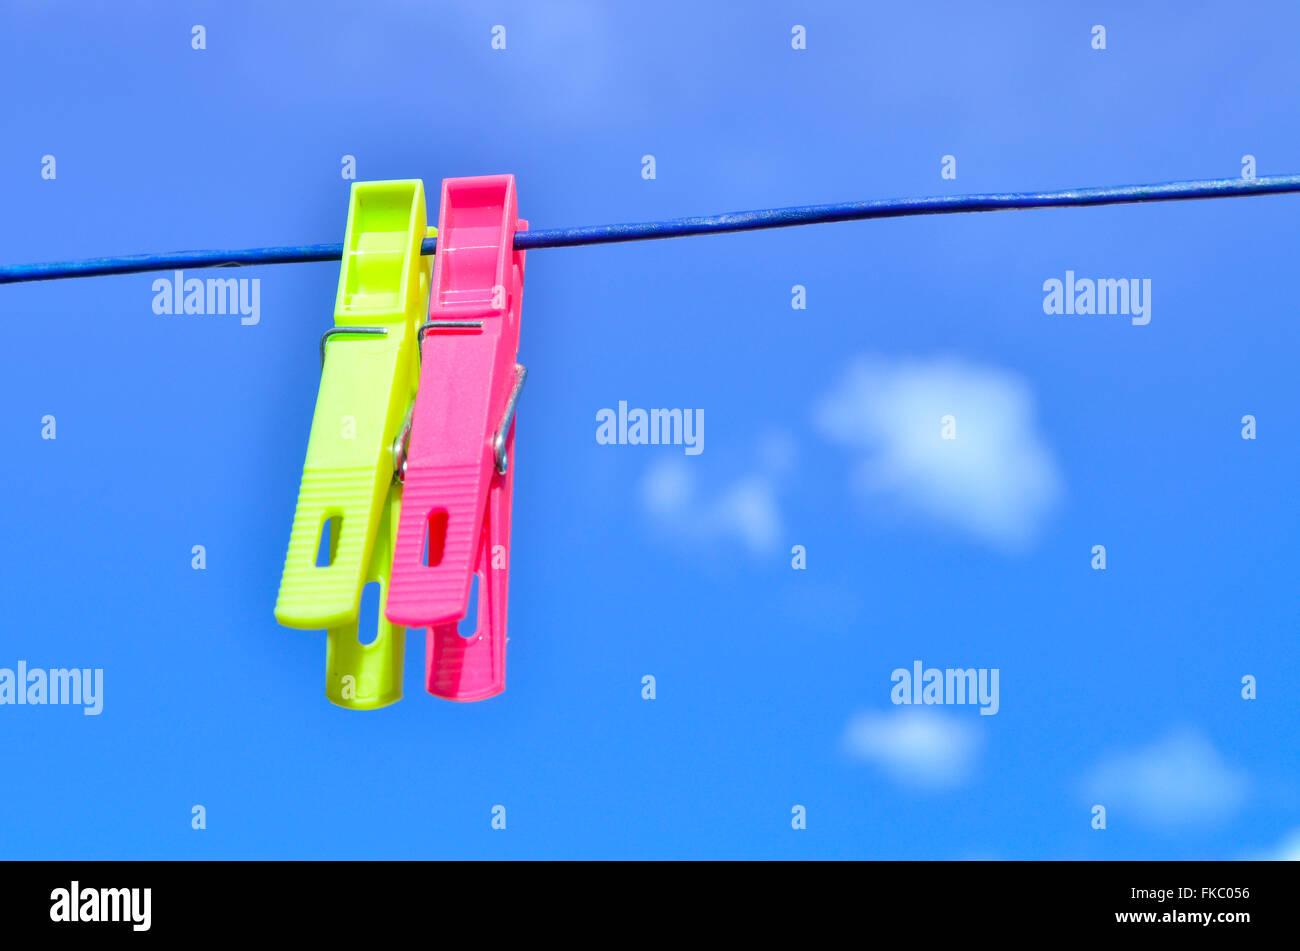 Ropa de plástico que se encuentran en la línea de lavado. Imagen De Stock